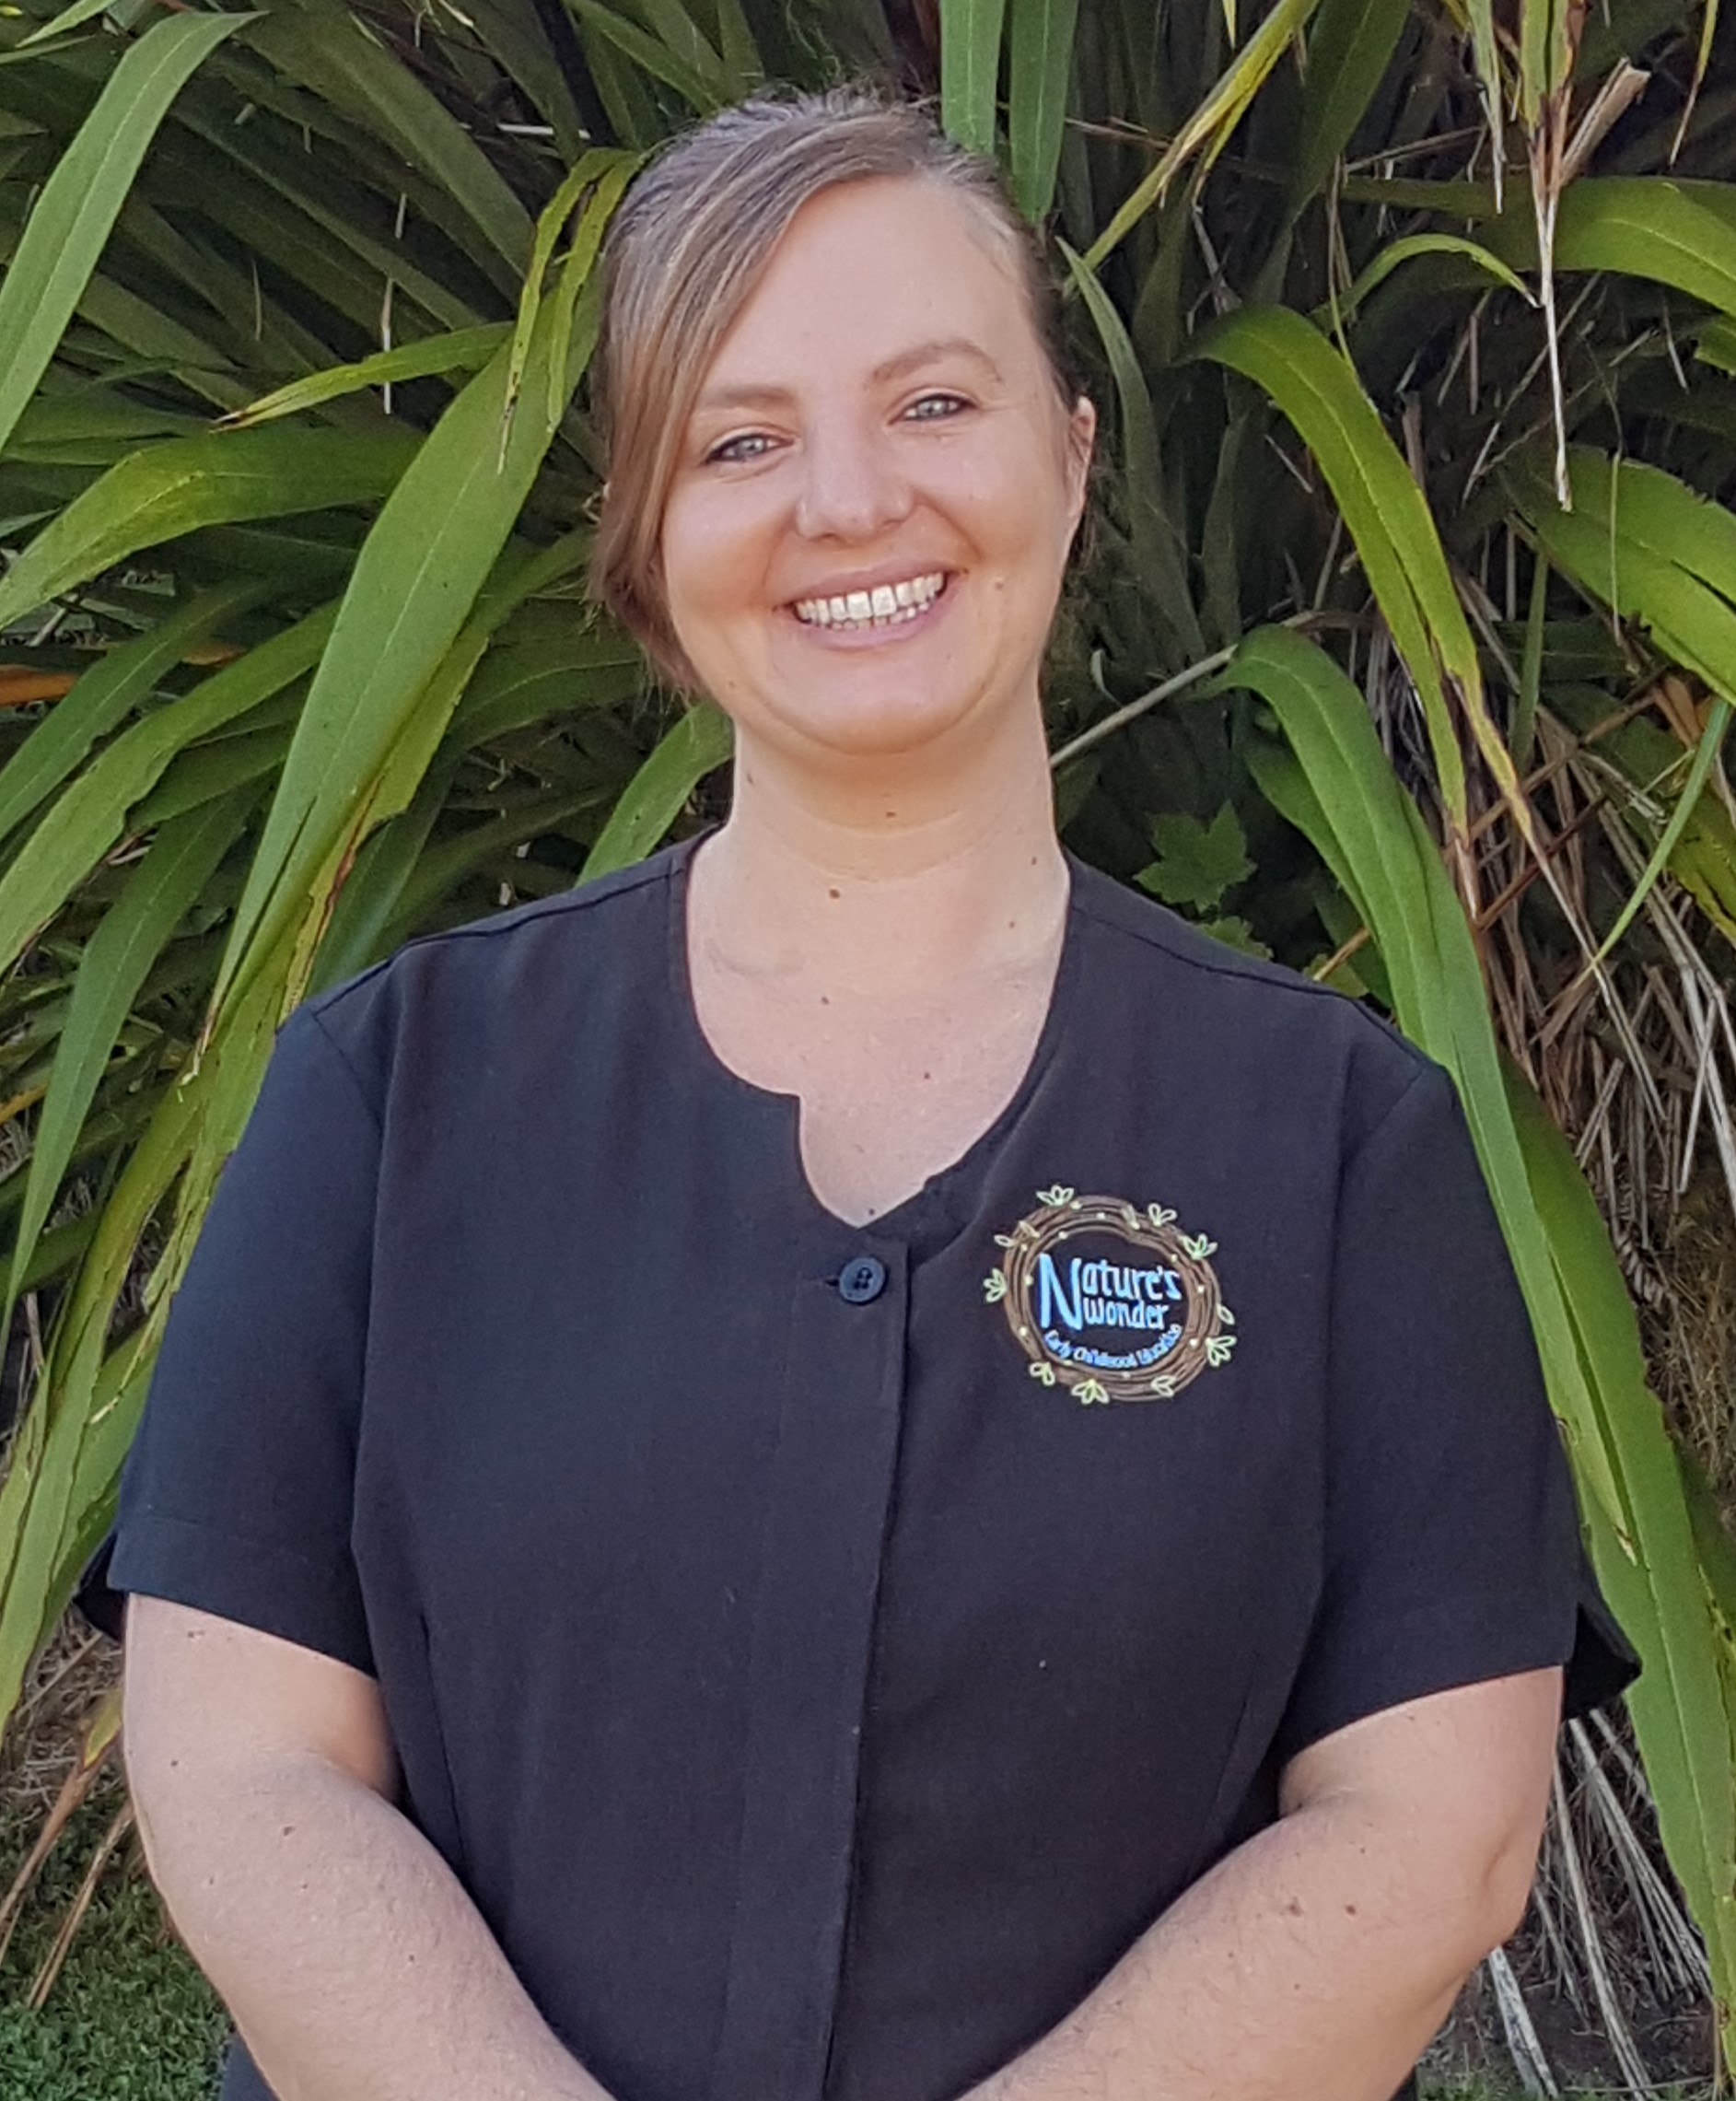 Aroushka Du Plessis